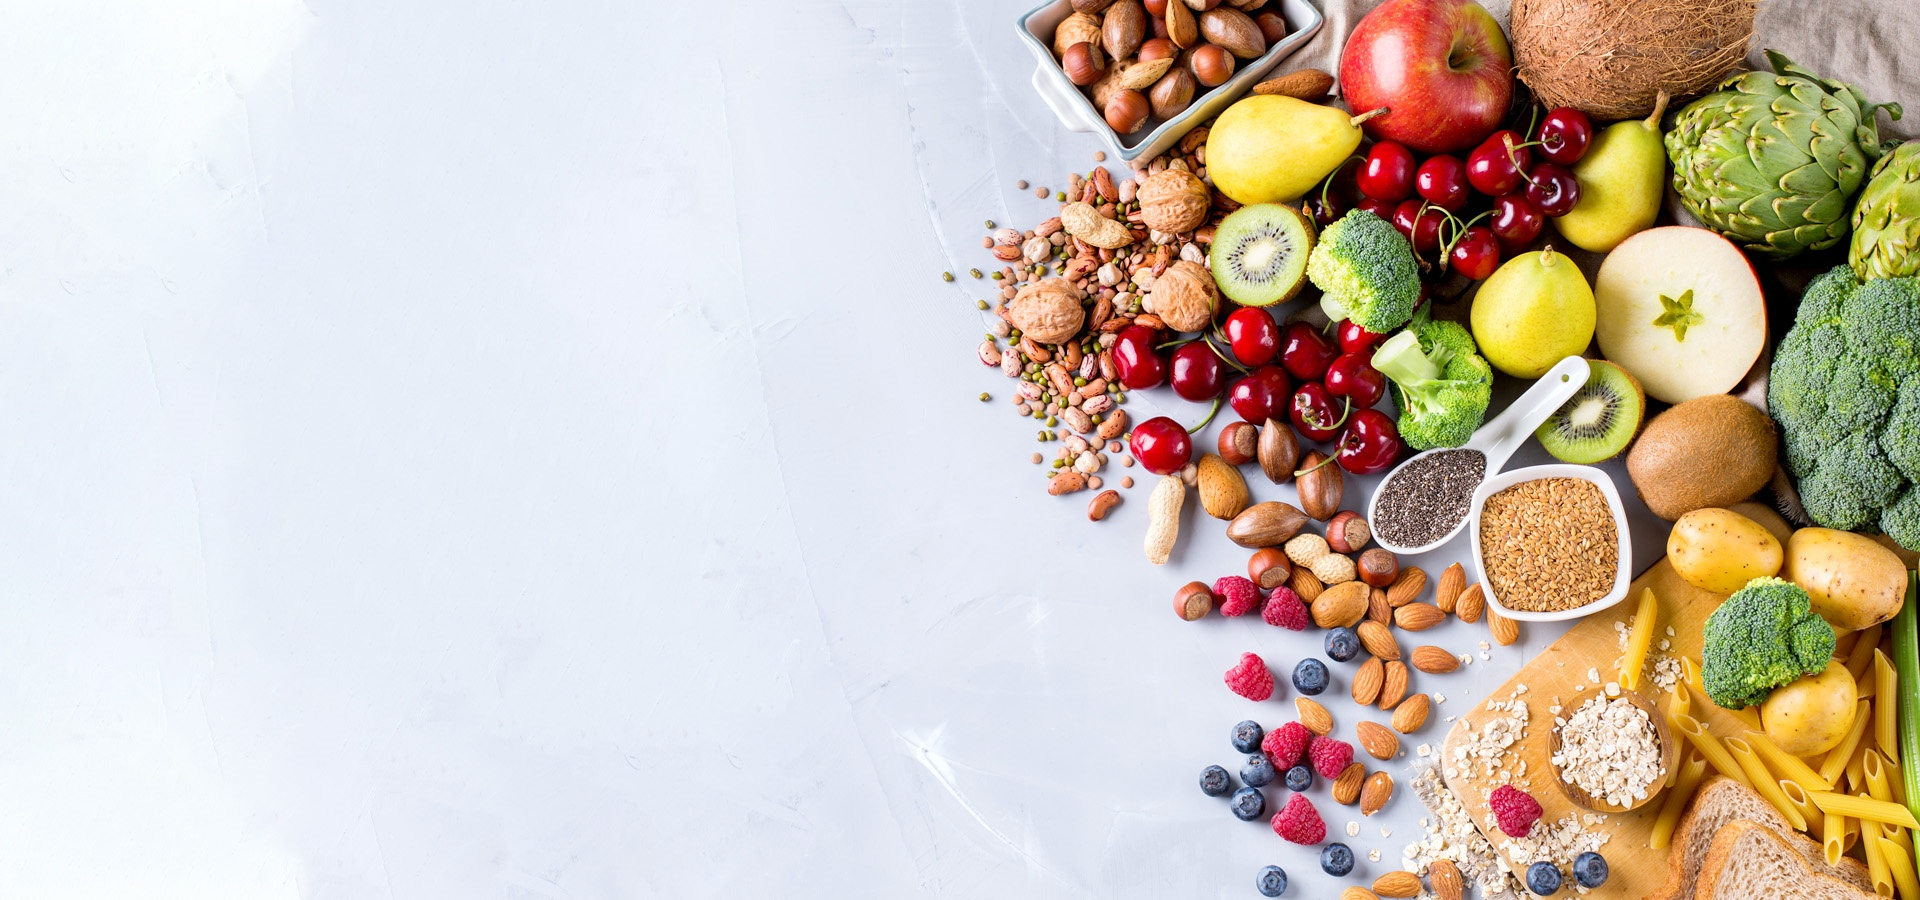 Dagli zuccheri alle fibre: 3 segreti per mangiare sano e prenderti cura dei  tuoi denti